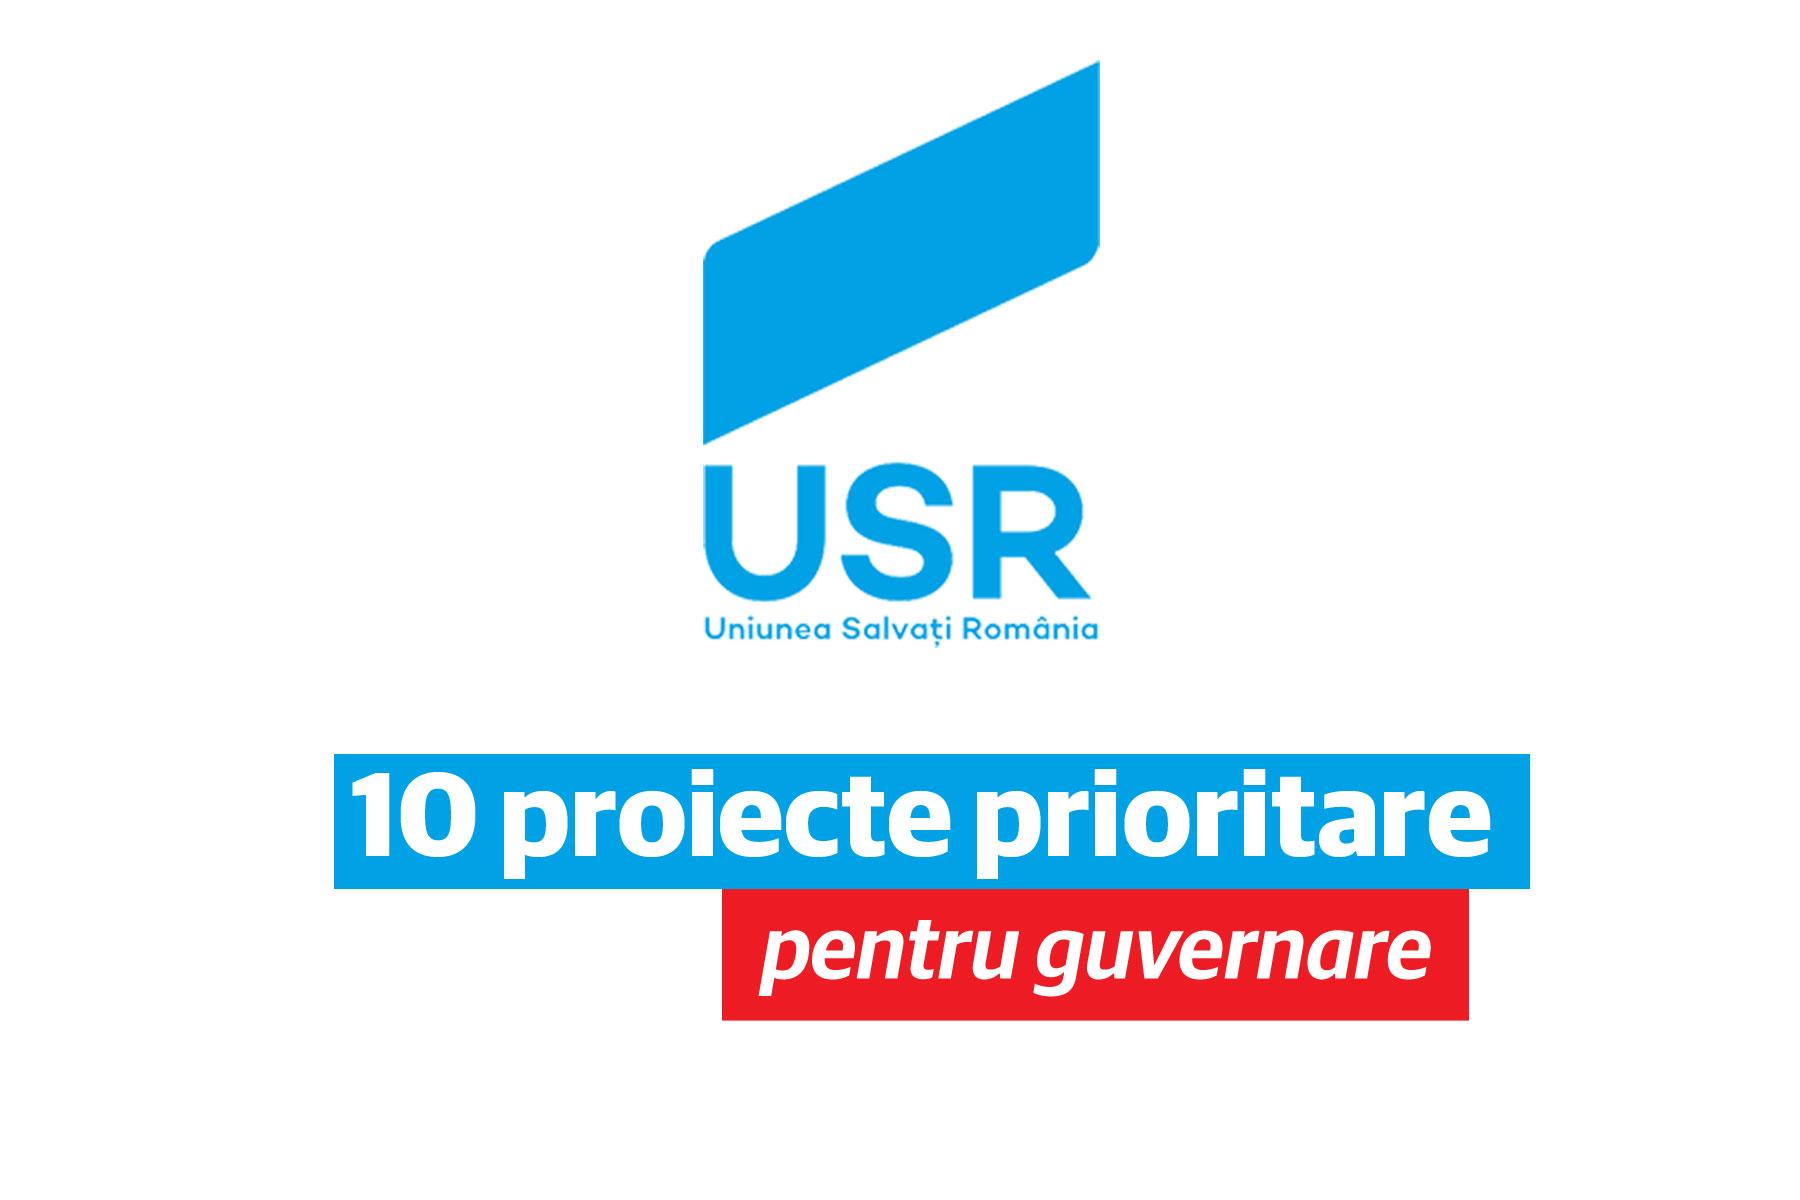 10proiecteusr